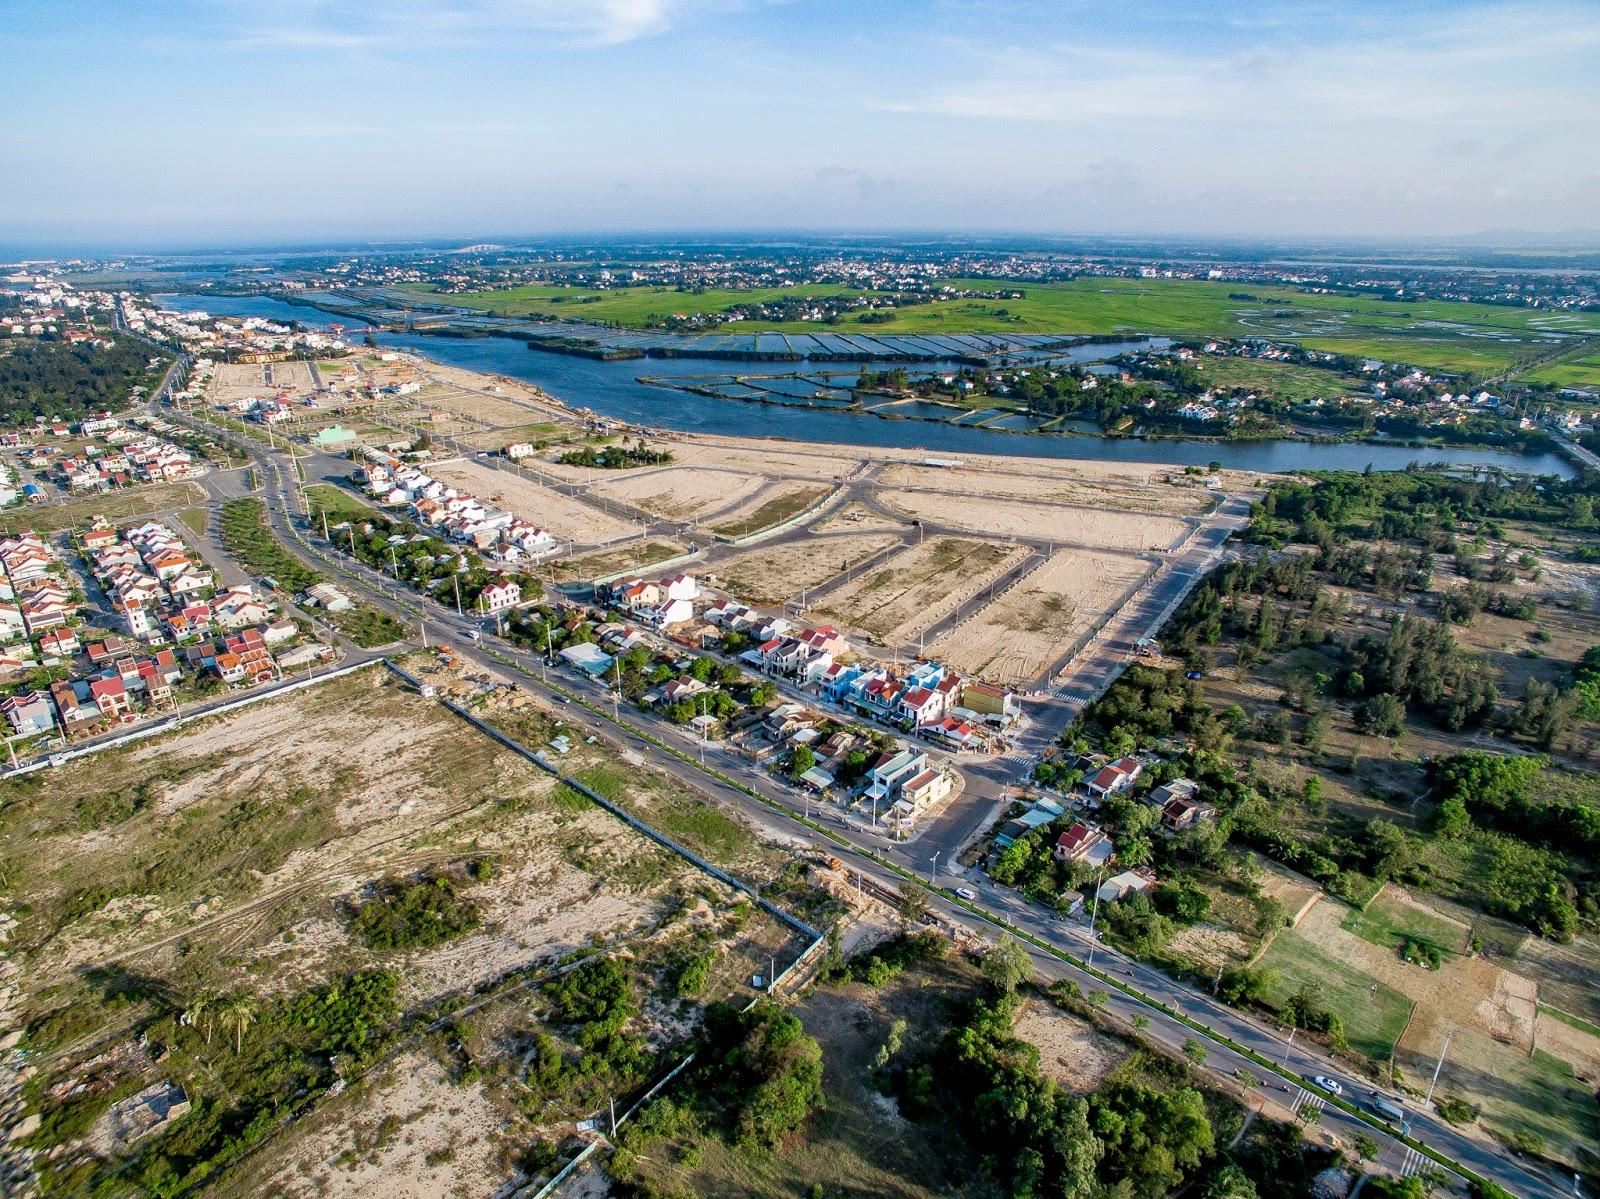 Bán đất nền dự án Hội An Royal Residence tỉnh Quảng Nam